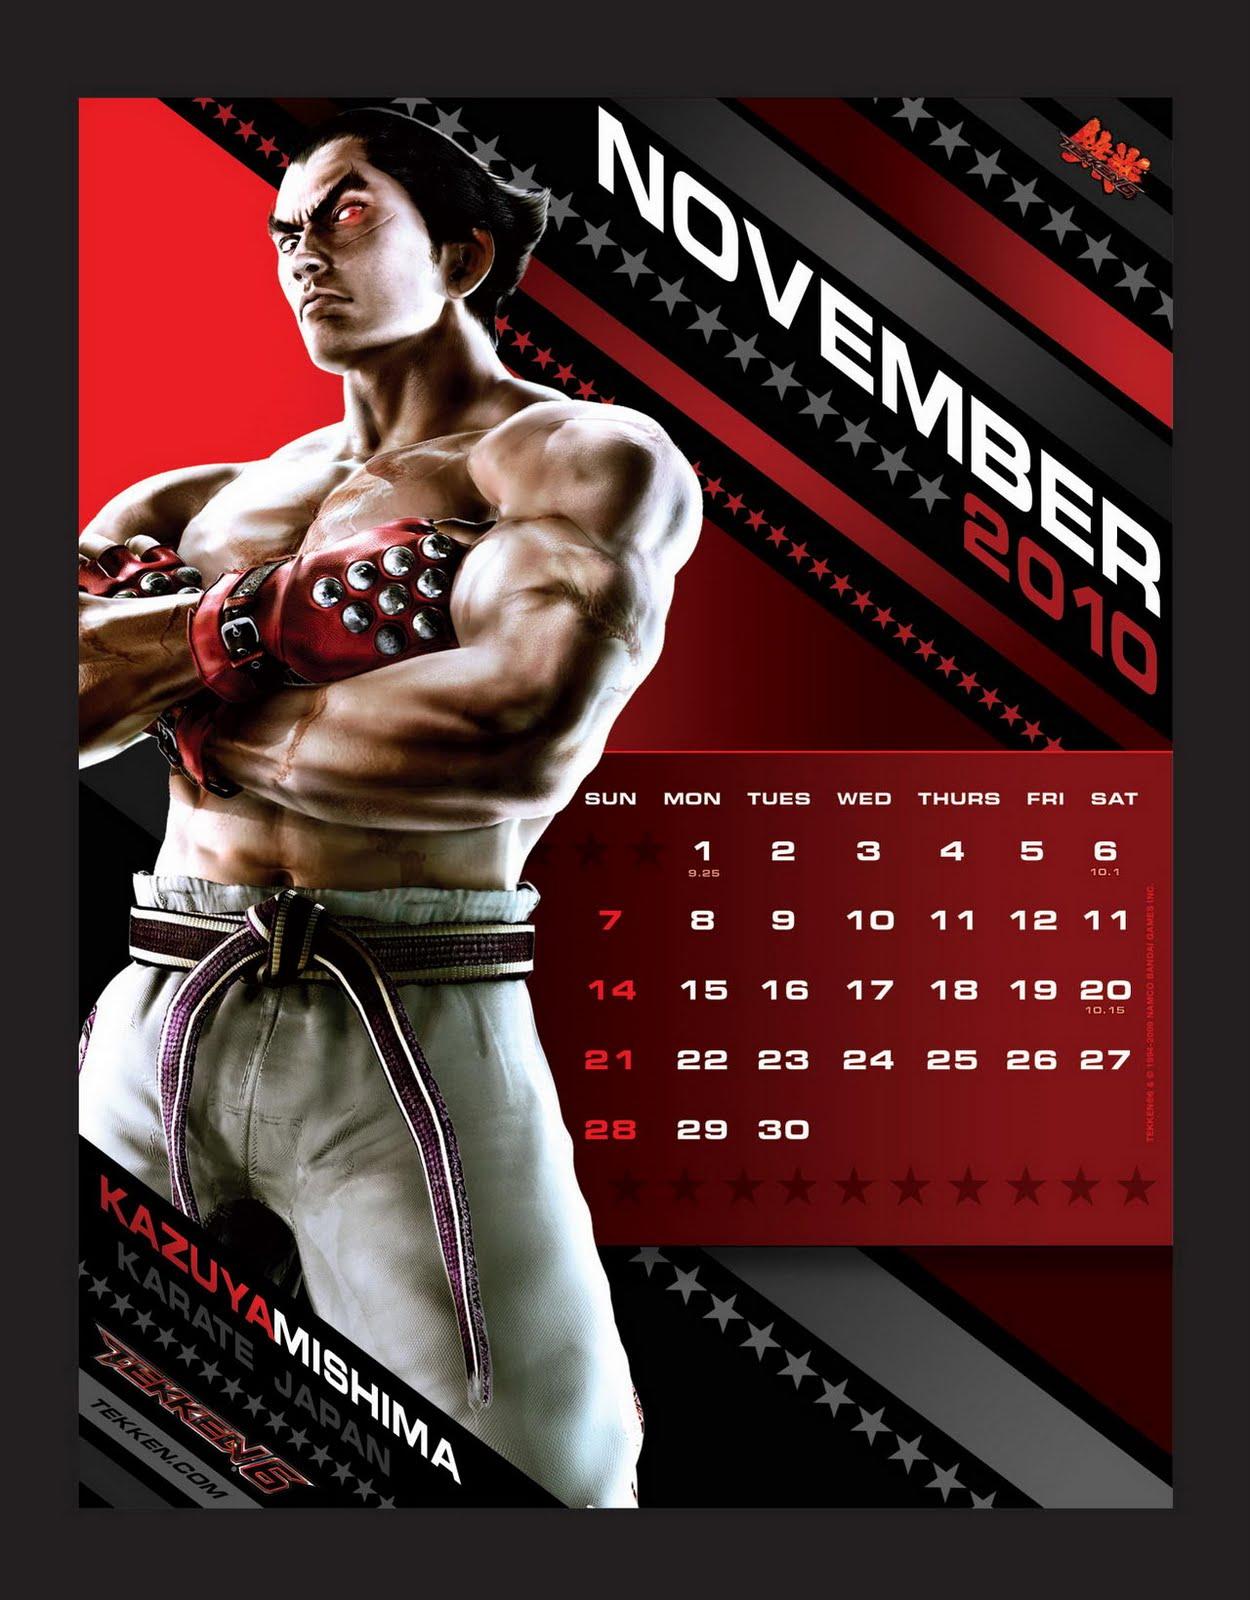 http://2.bp.blogspot.com/_Zzfgs8VTa74/SwquanKL3XI/AAAAAAAAA2E/1Tl6AREmjkg/s1600/Tekken+6+Nov+2010.jpg